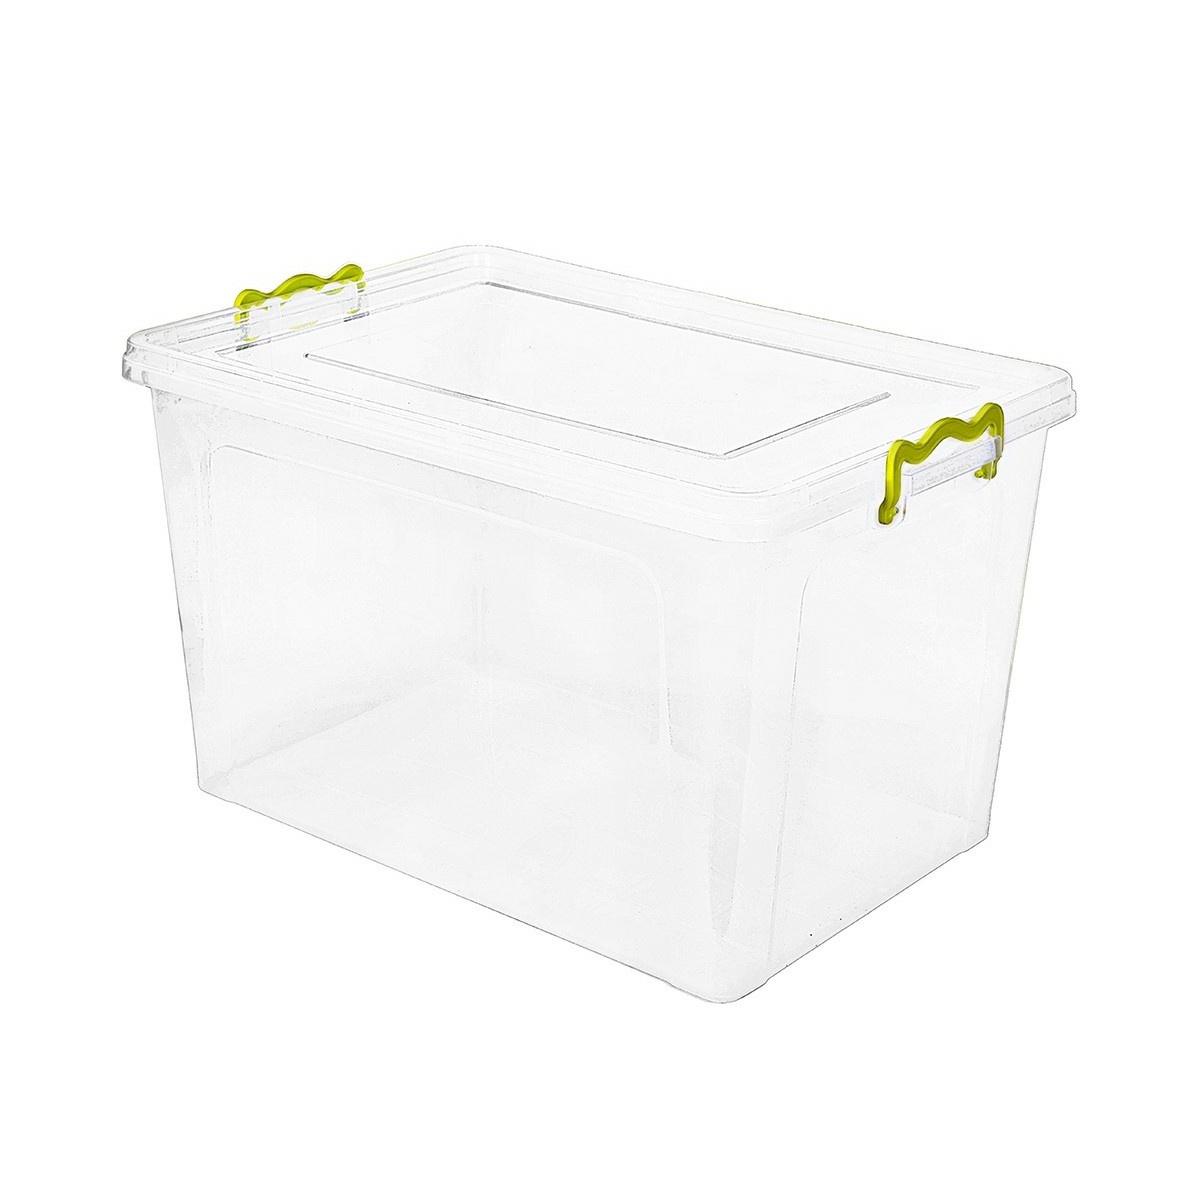 Aldo Plastový úložný box 1,5 l, biela